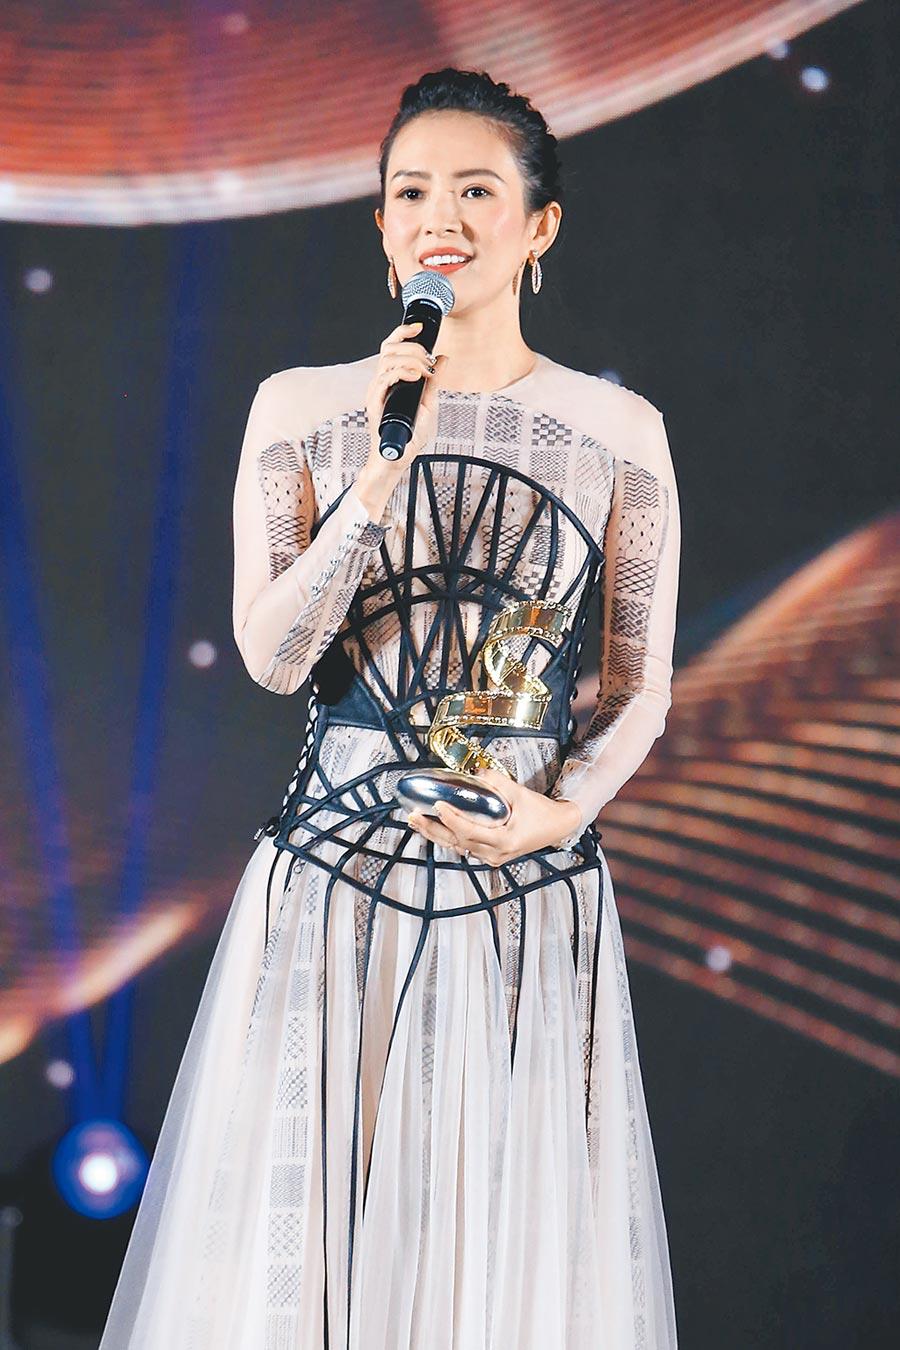 章子怡在微博電影之夜獲得「最具國際影響力演員」,以一身The Atelier獵奇蜘蛛網裝驚豔全場,極具異國風情。(CFP)